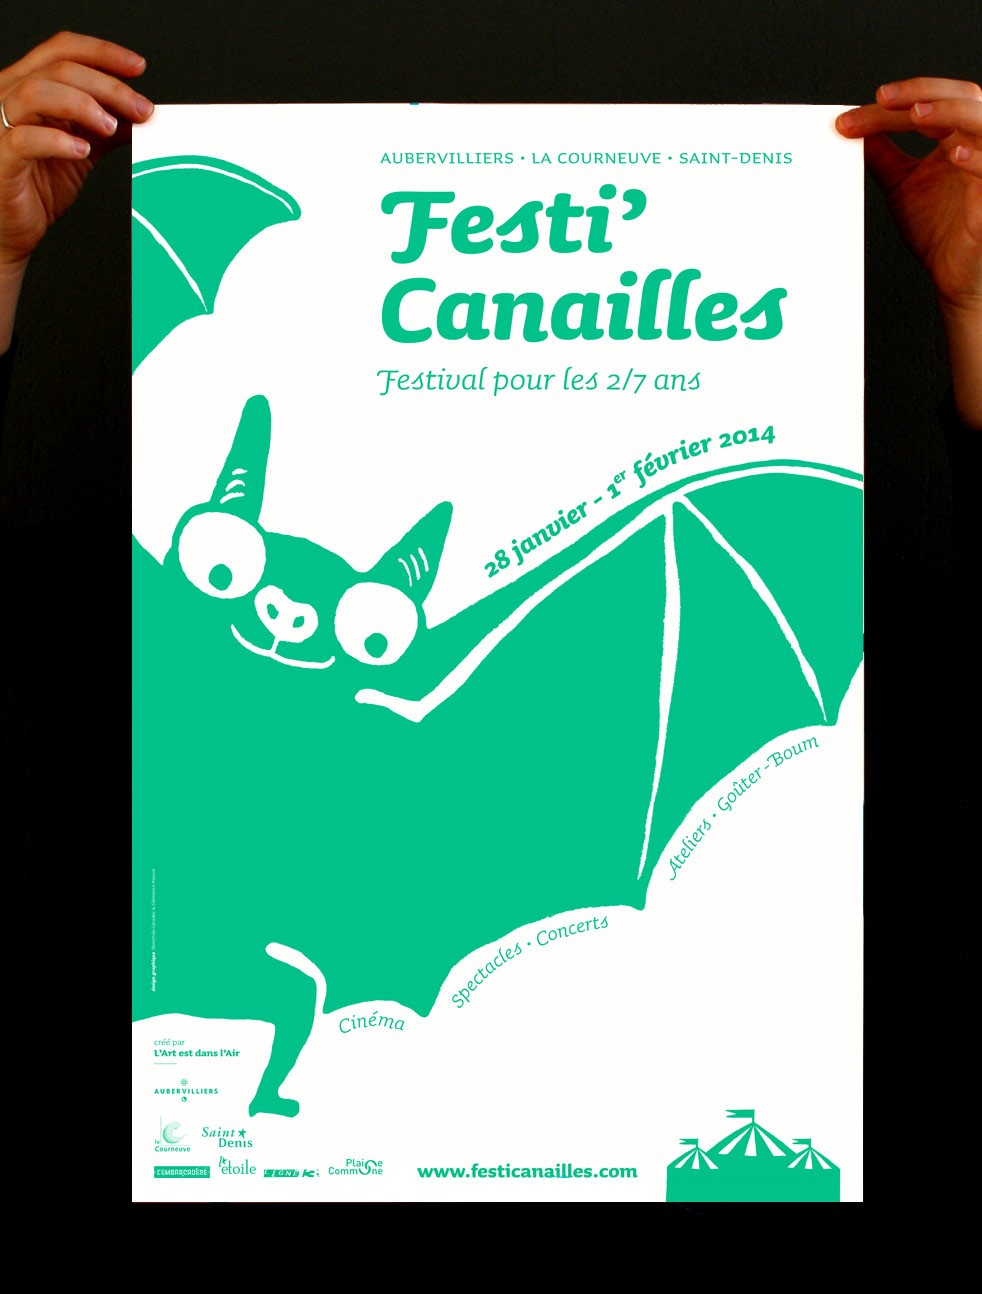 festi-canailles_2012-2014_08-d310e526cf489f3c04a5396bb75c5b5a